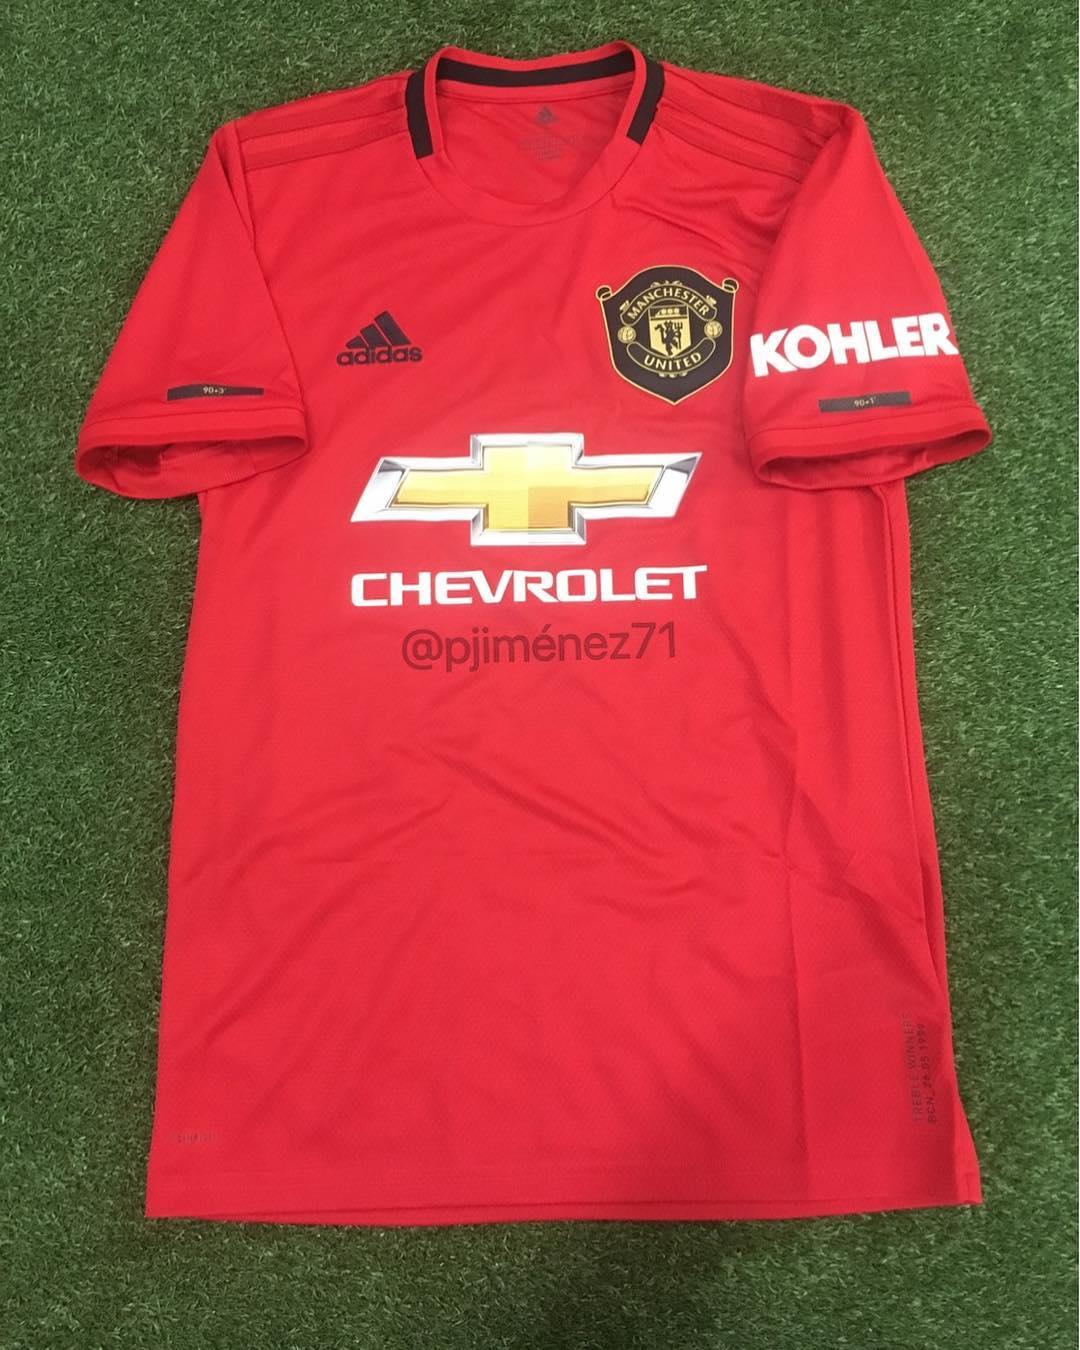 5e9fd1c24 Manchester United Kits 2018 2019